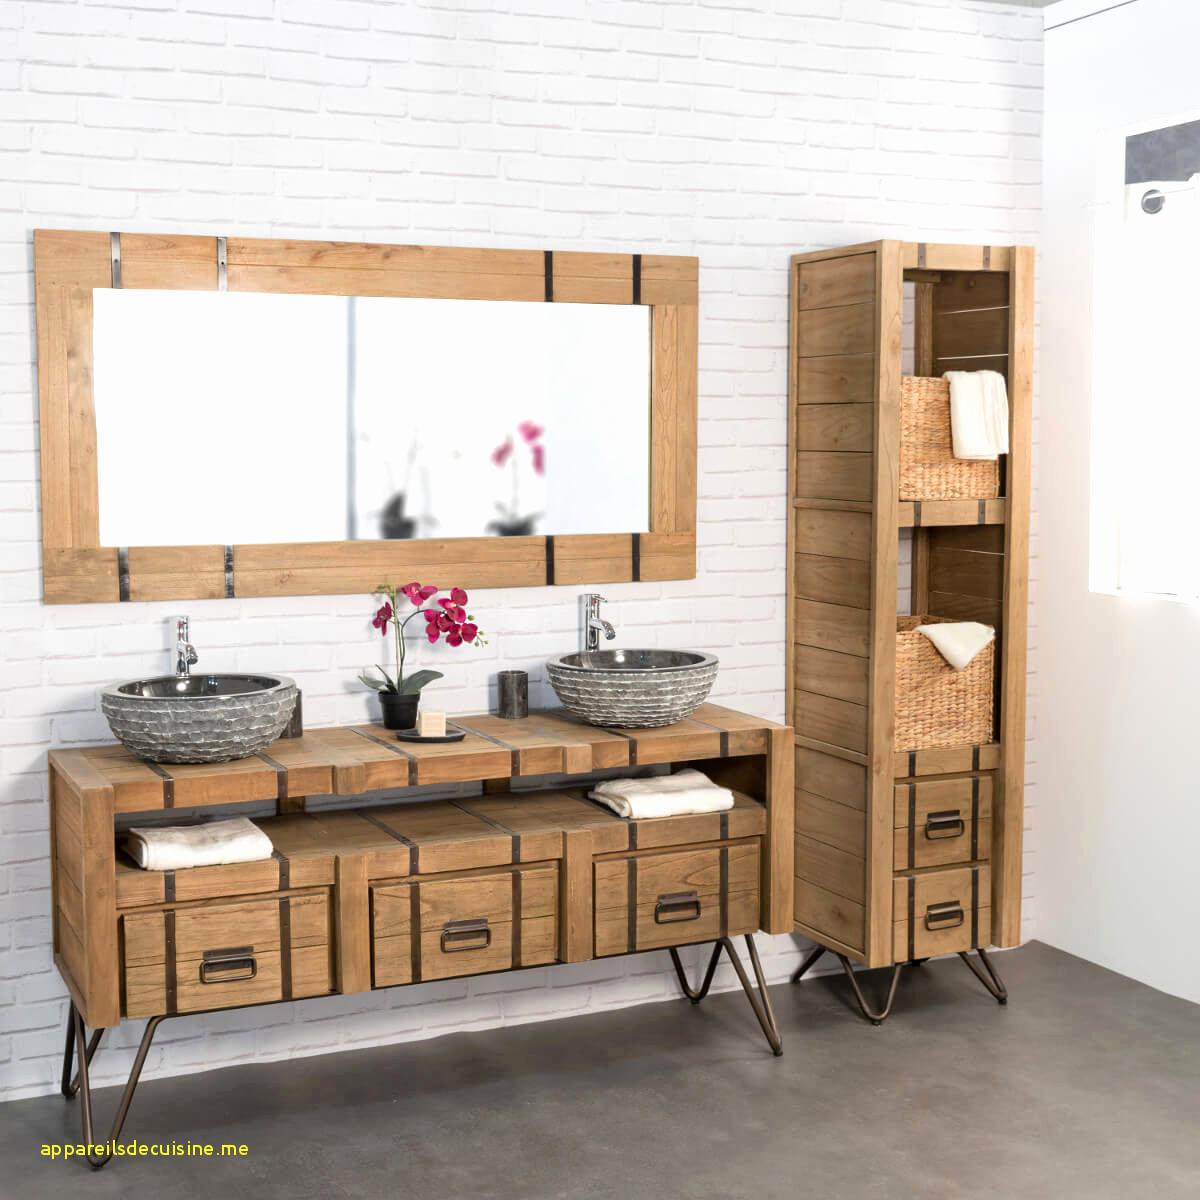 Douche Italienne Ikea Unique Photos Ikea Cabine De Douche élégant Ikea Salle Bain New Caillebotis Douche